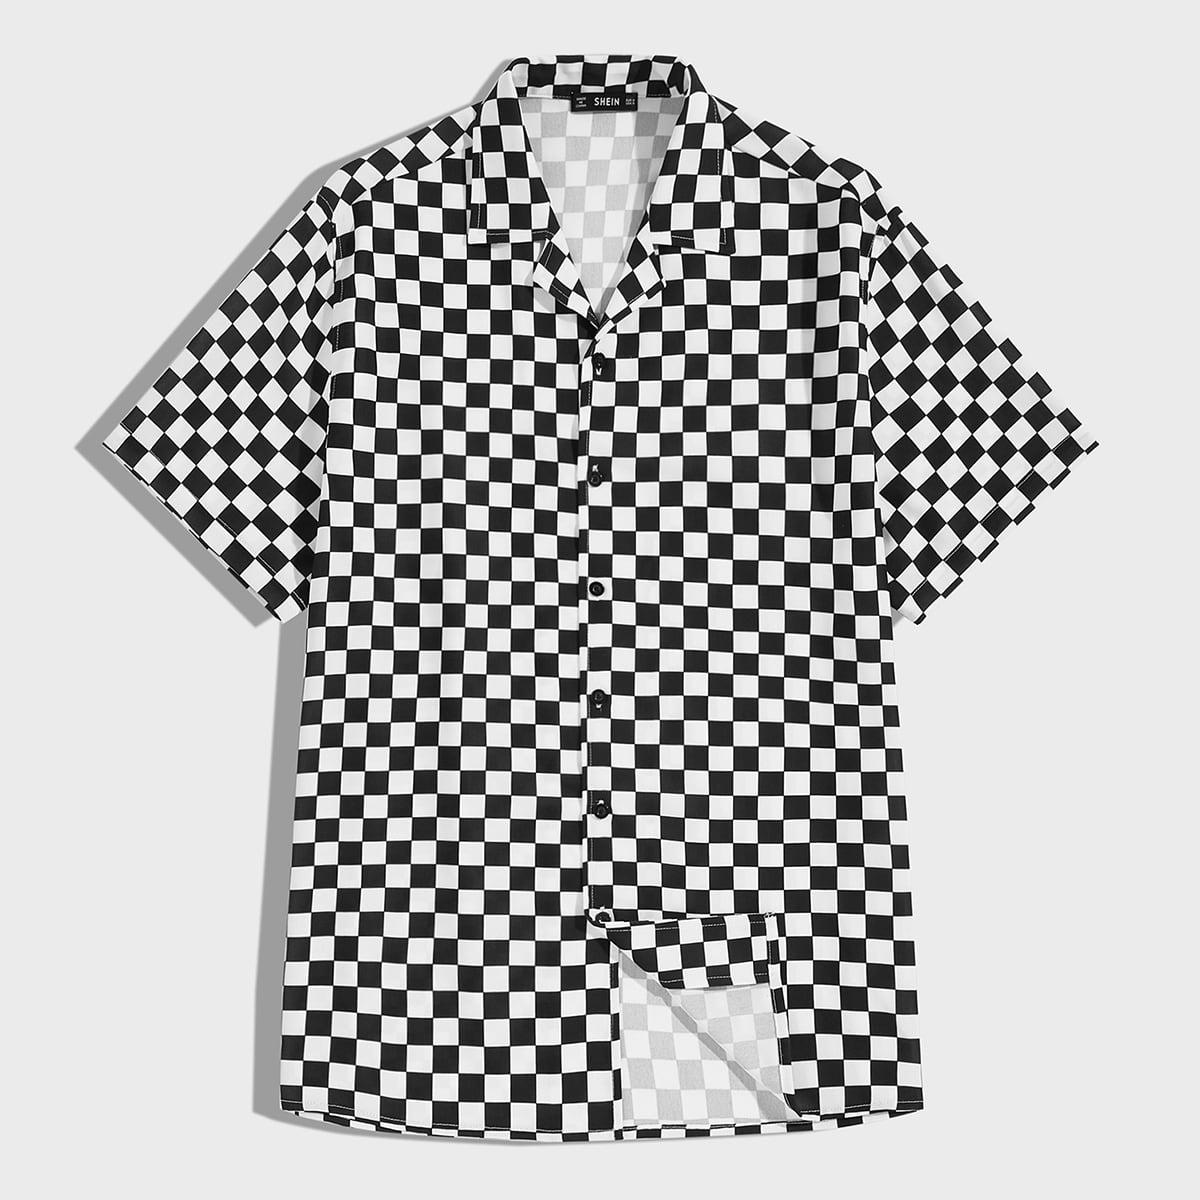 Мужская рубашка в клетку с пуговицами SheIn smshirt07200302299